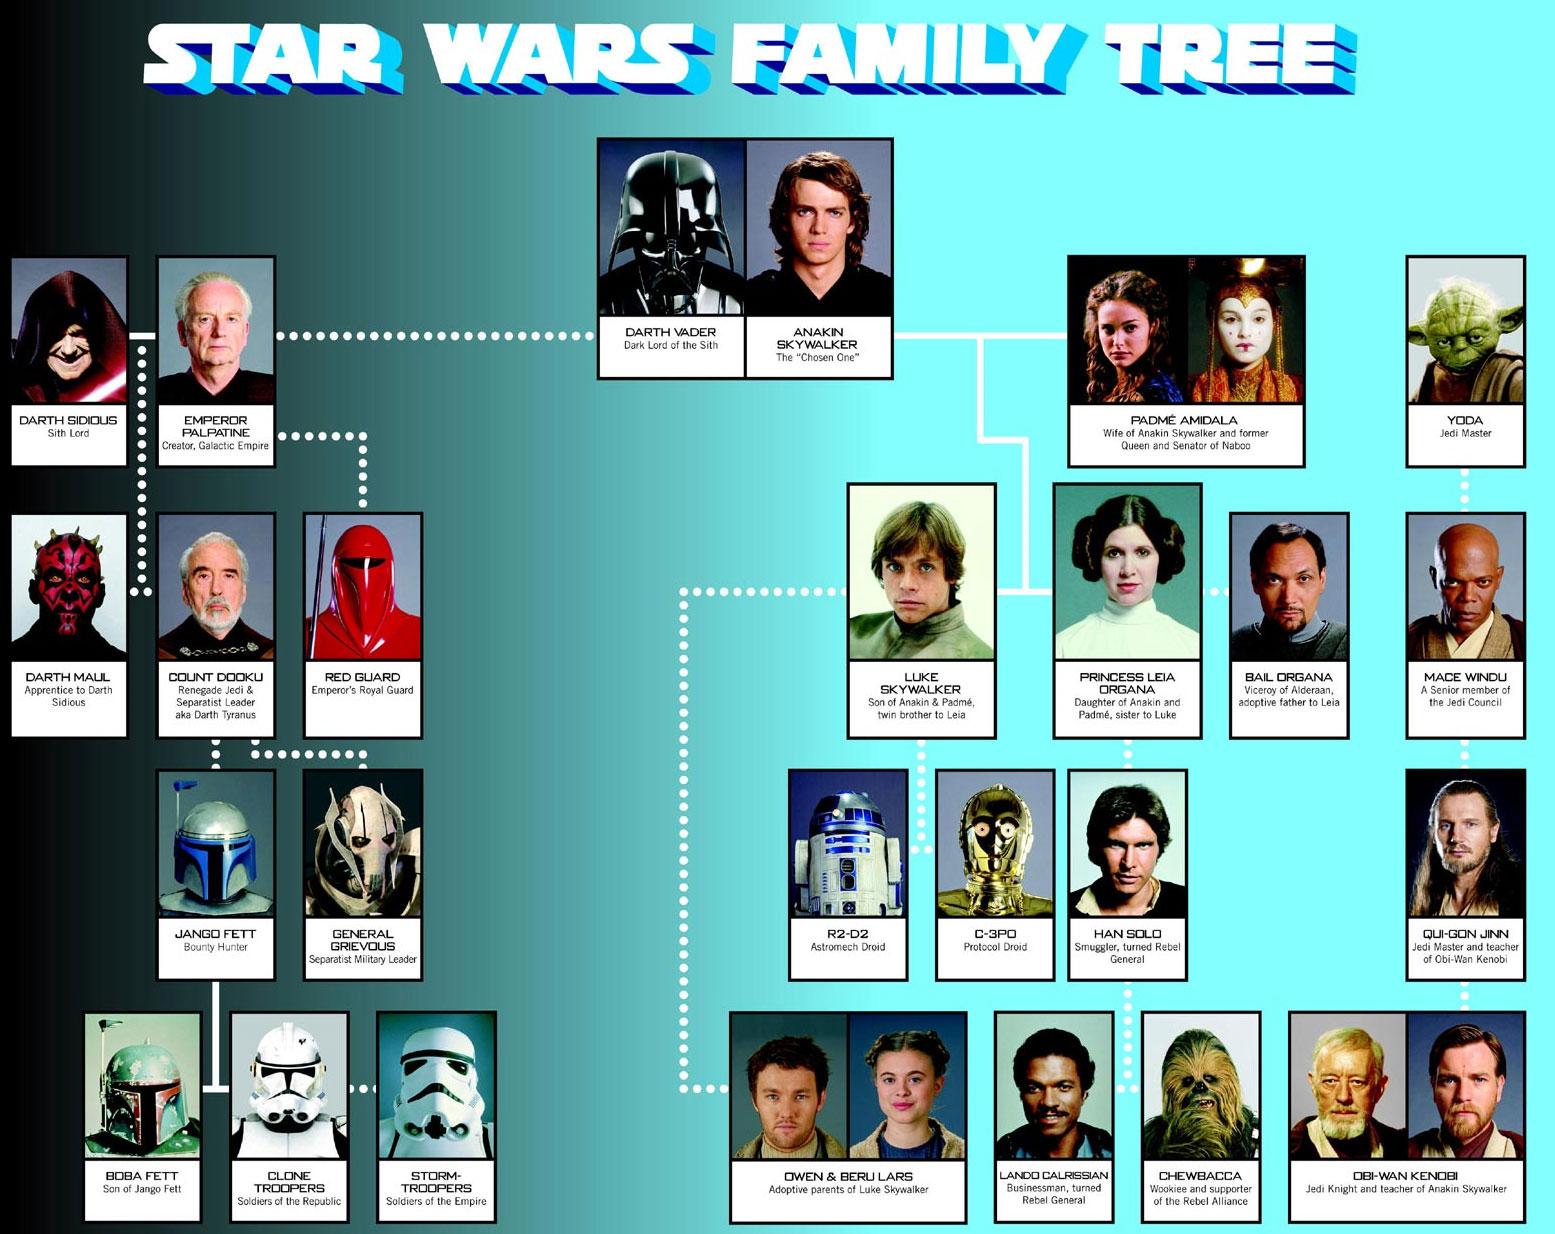 Stammbaum Star Wars